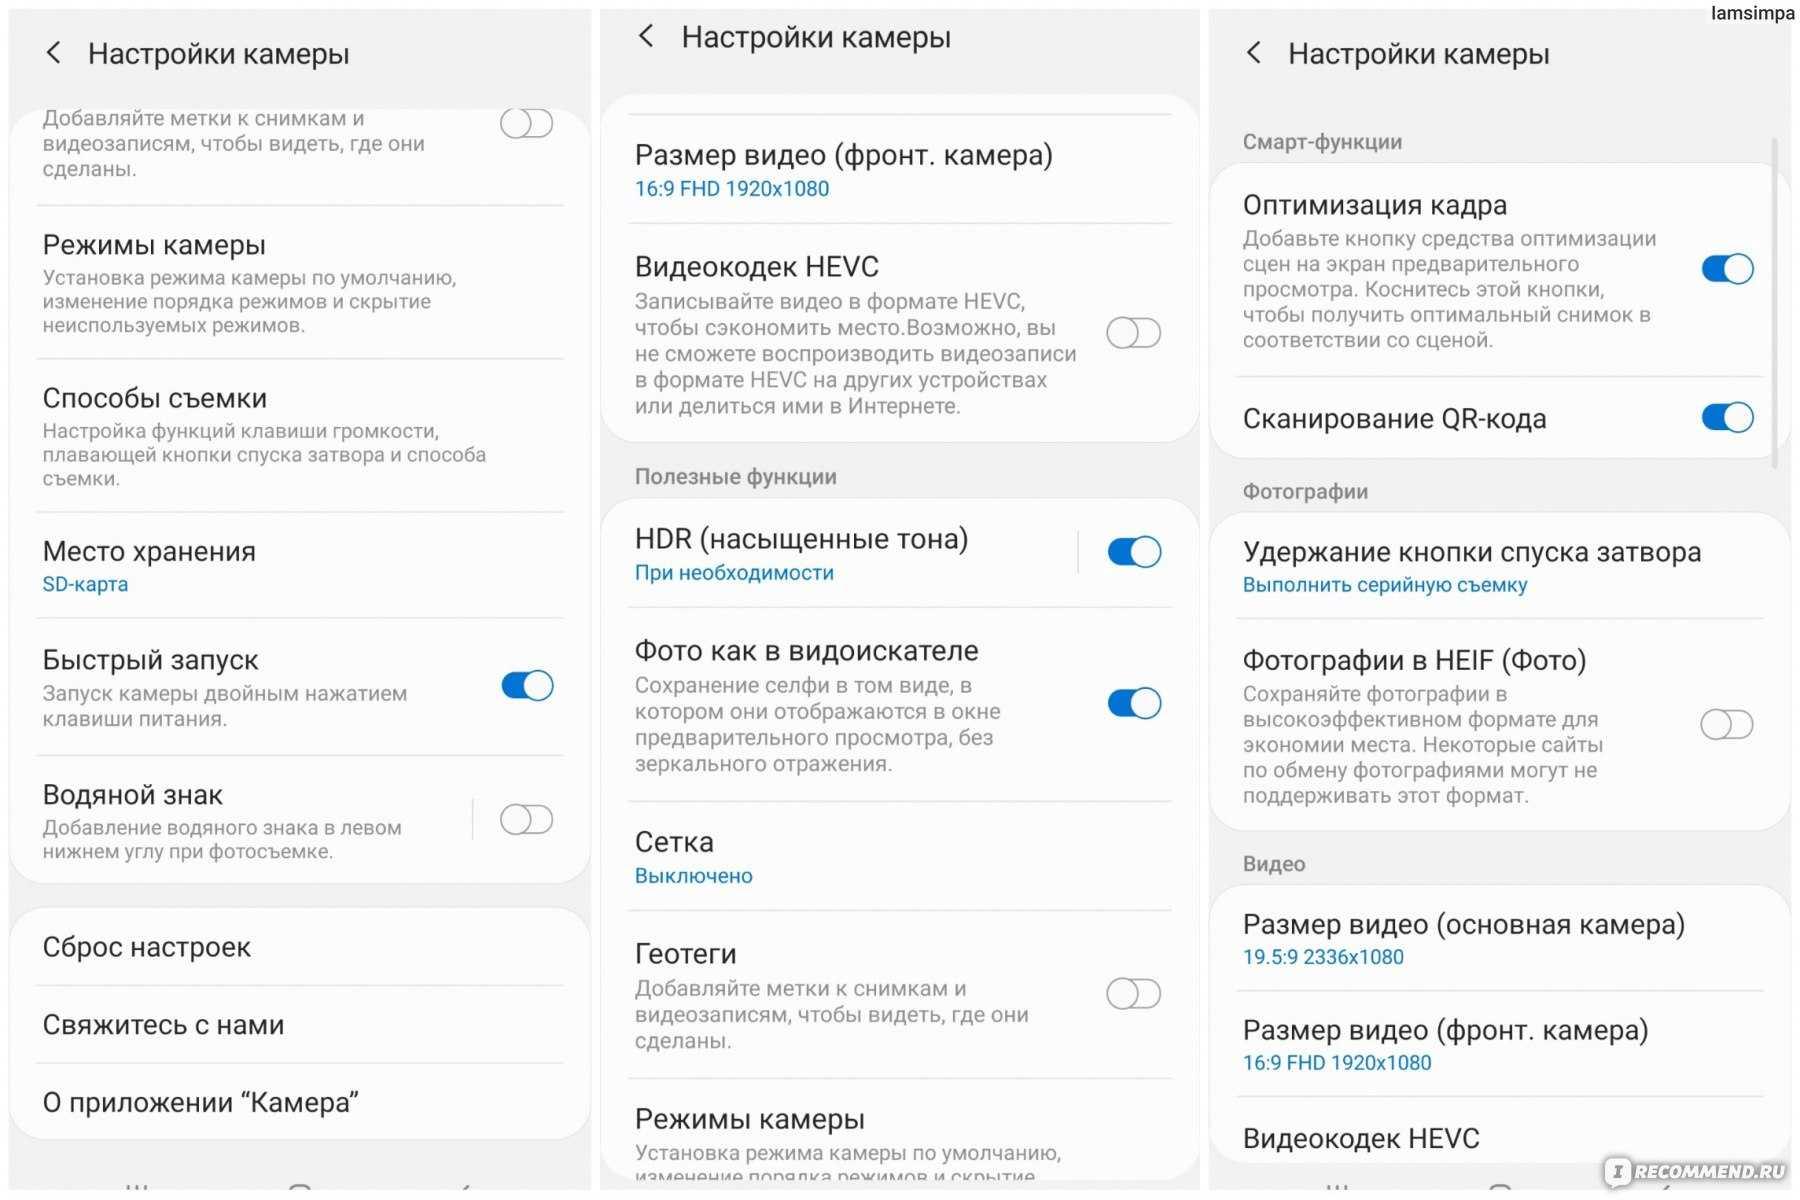 Samsung взялась продавать россиянам новые смартфоны за полцены - cnews